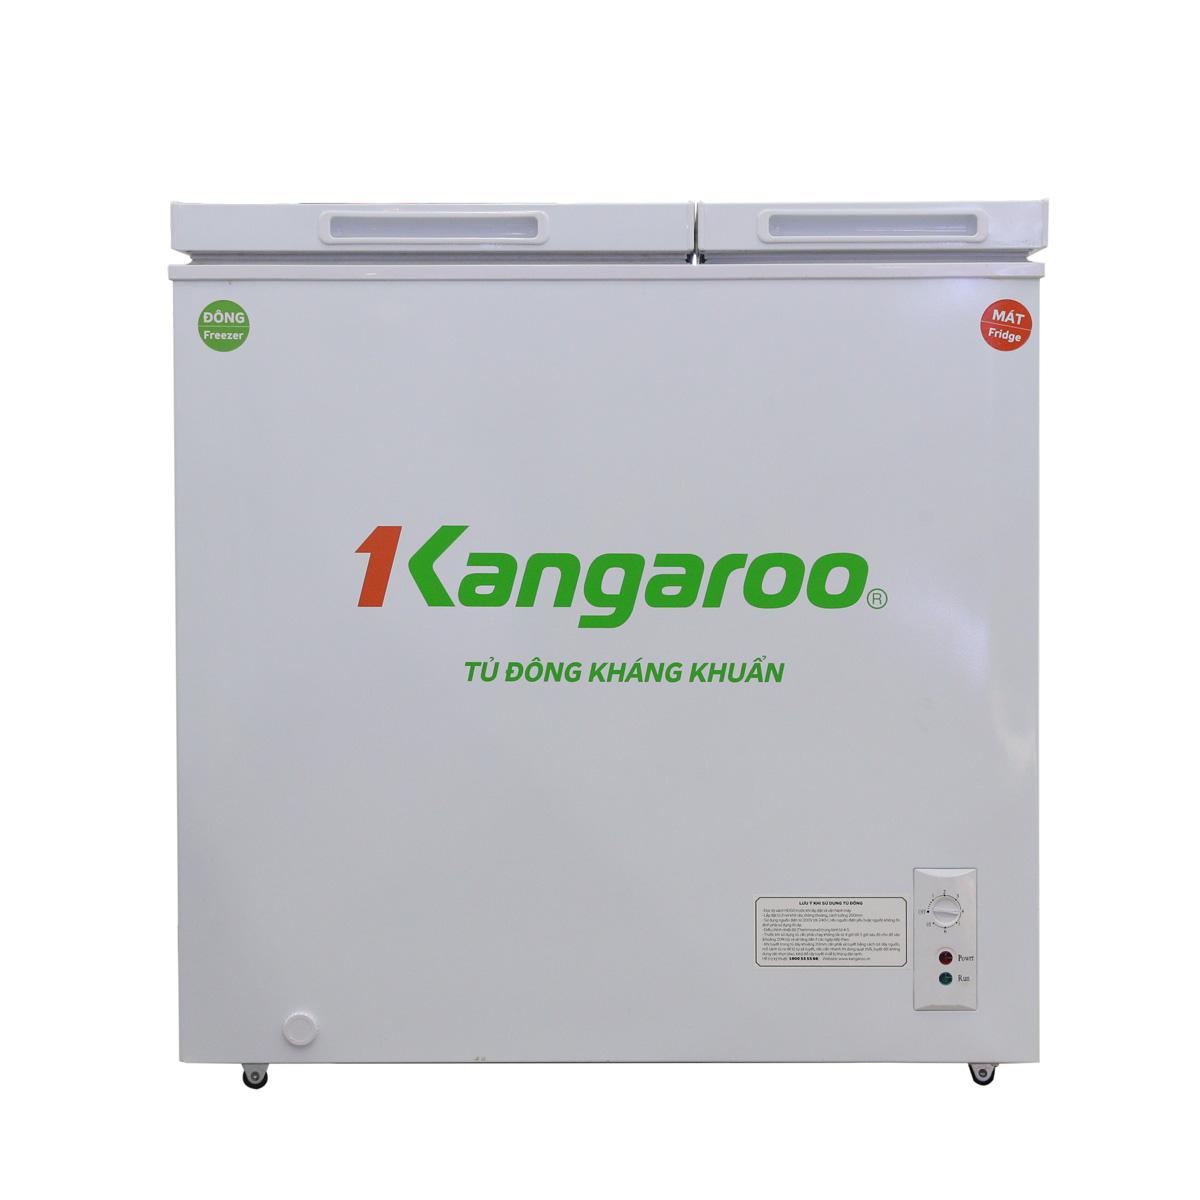 Tủ Đông Mát Kangaroo KG236C2